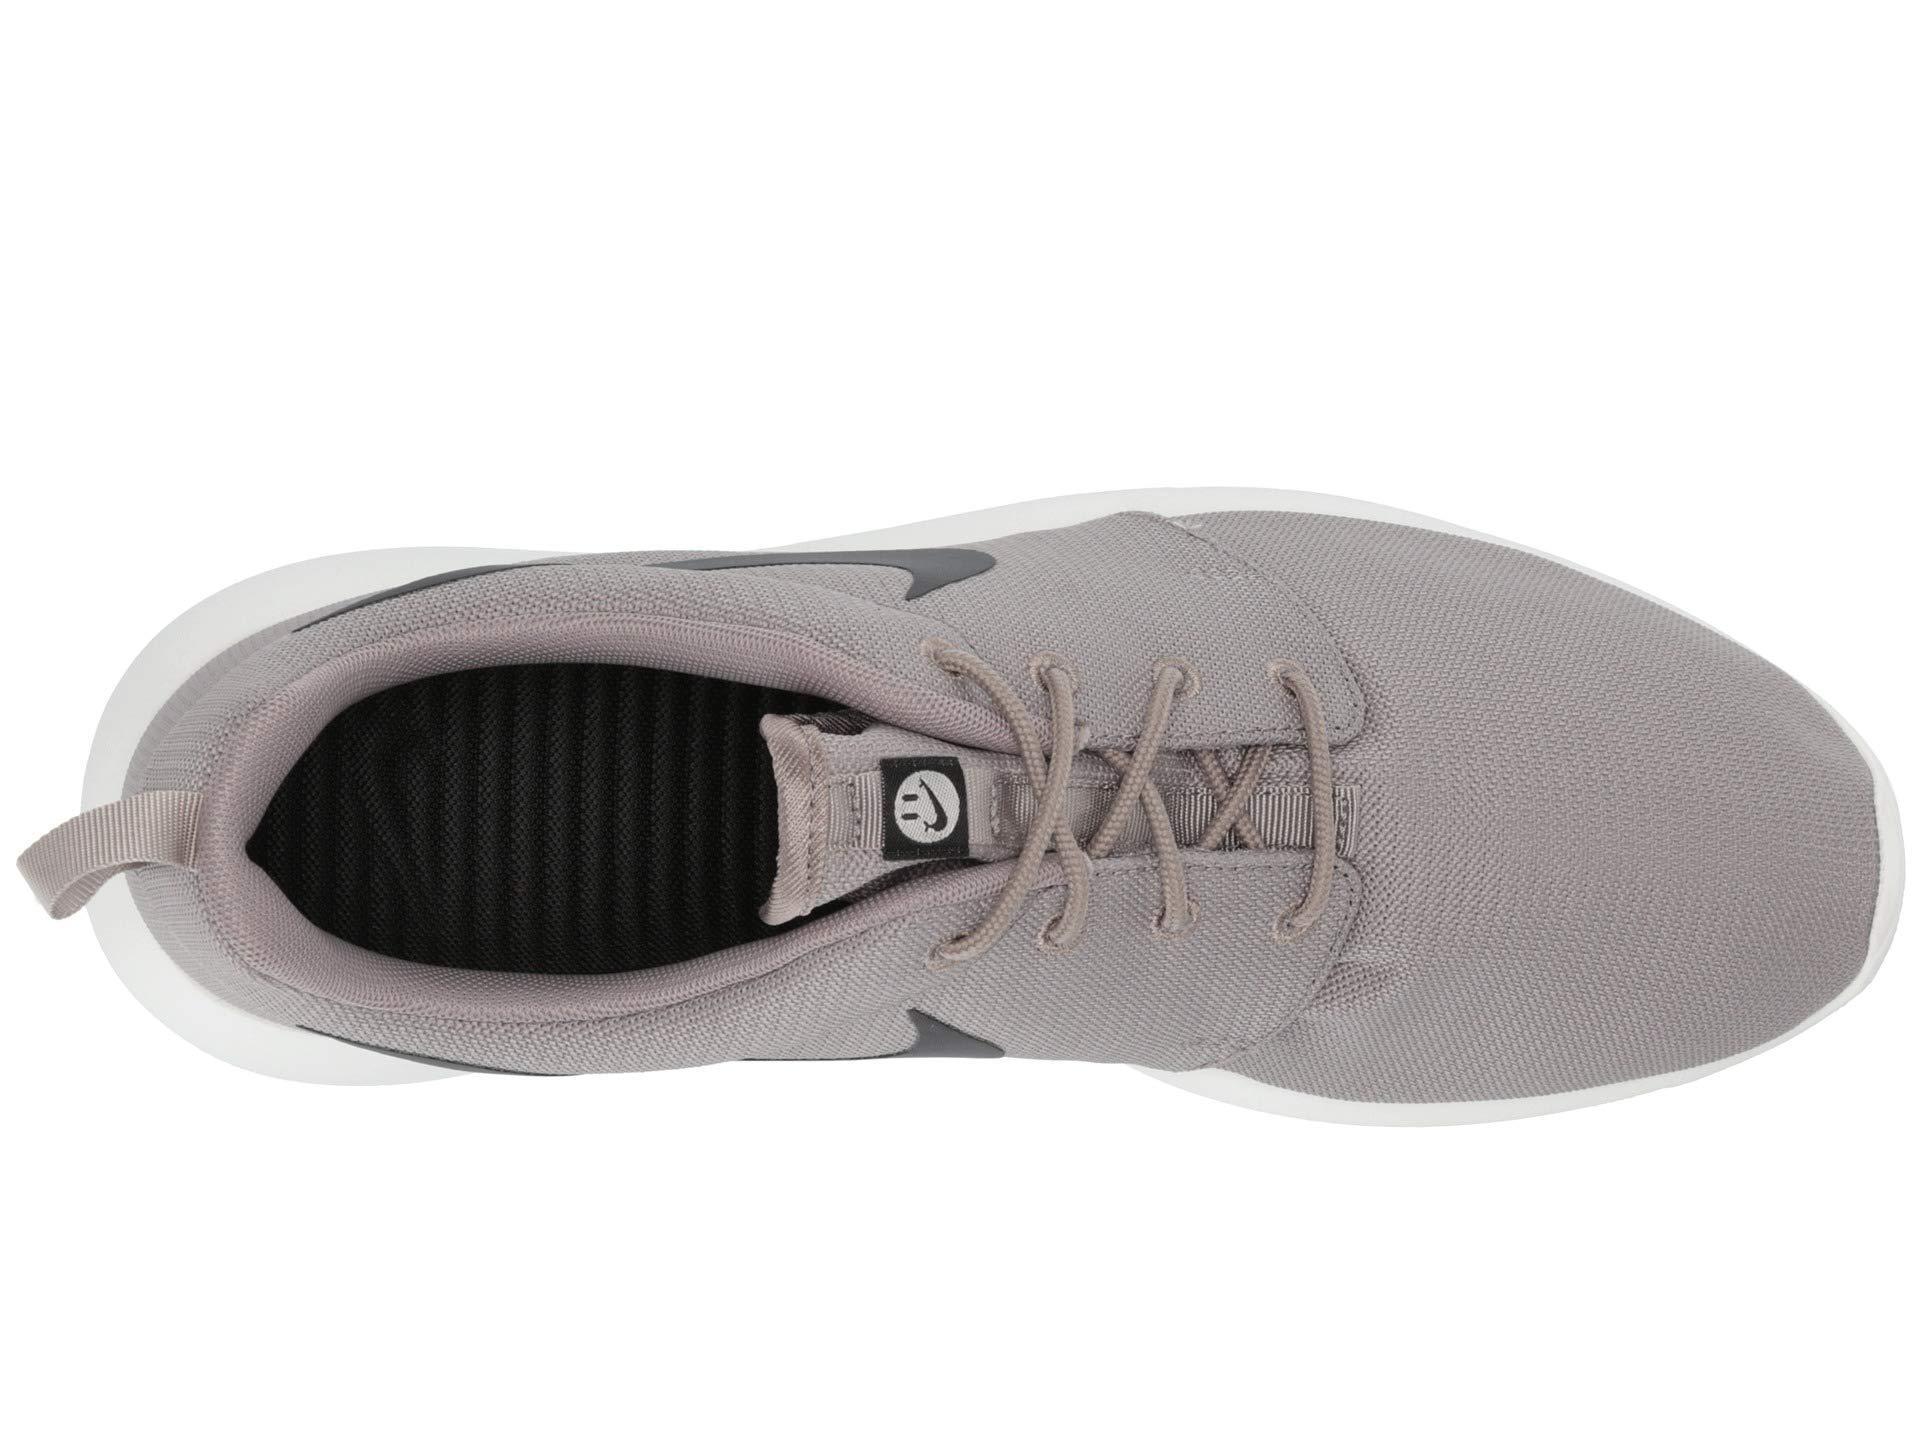 e5d6267af95d1 for i One menns svart menn Roshe klassiske Nike sko blackblack Lyst zqSfgBwf